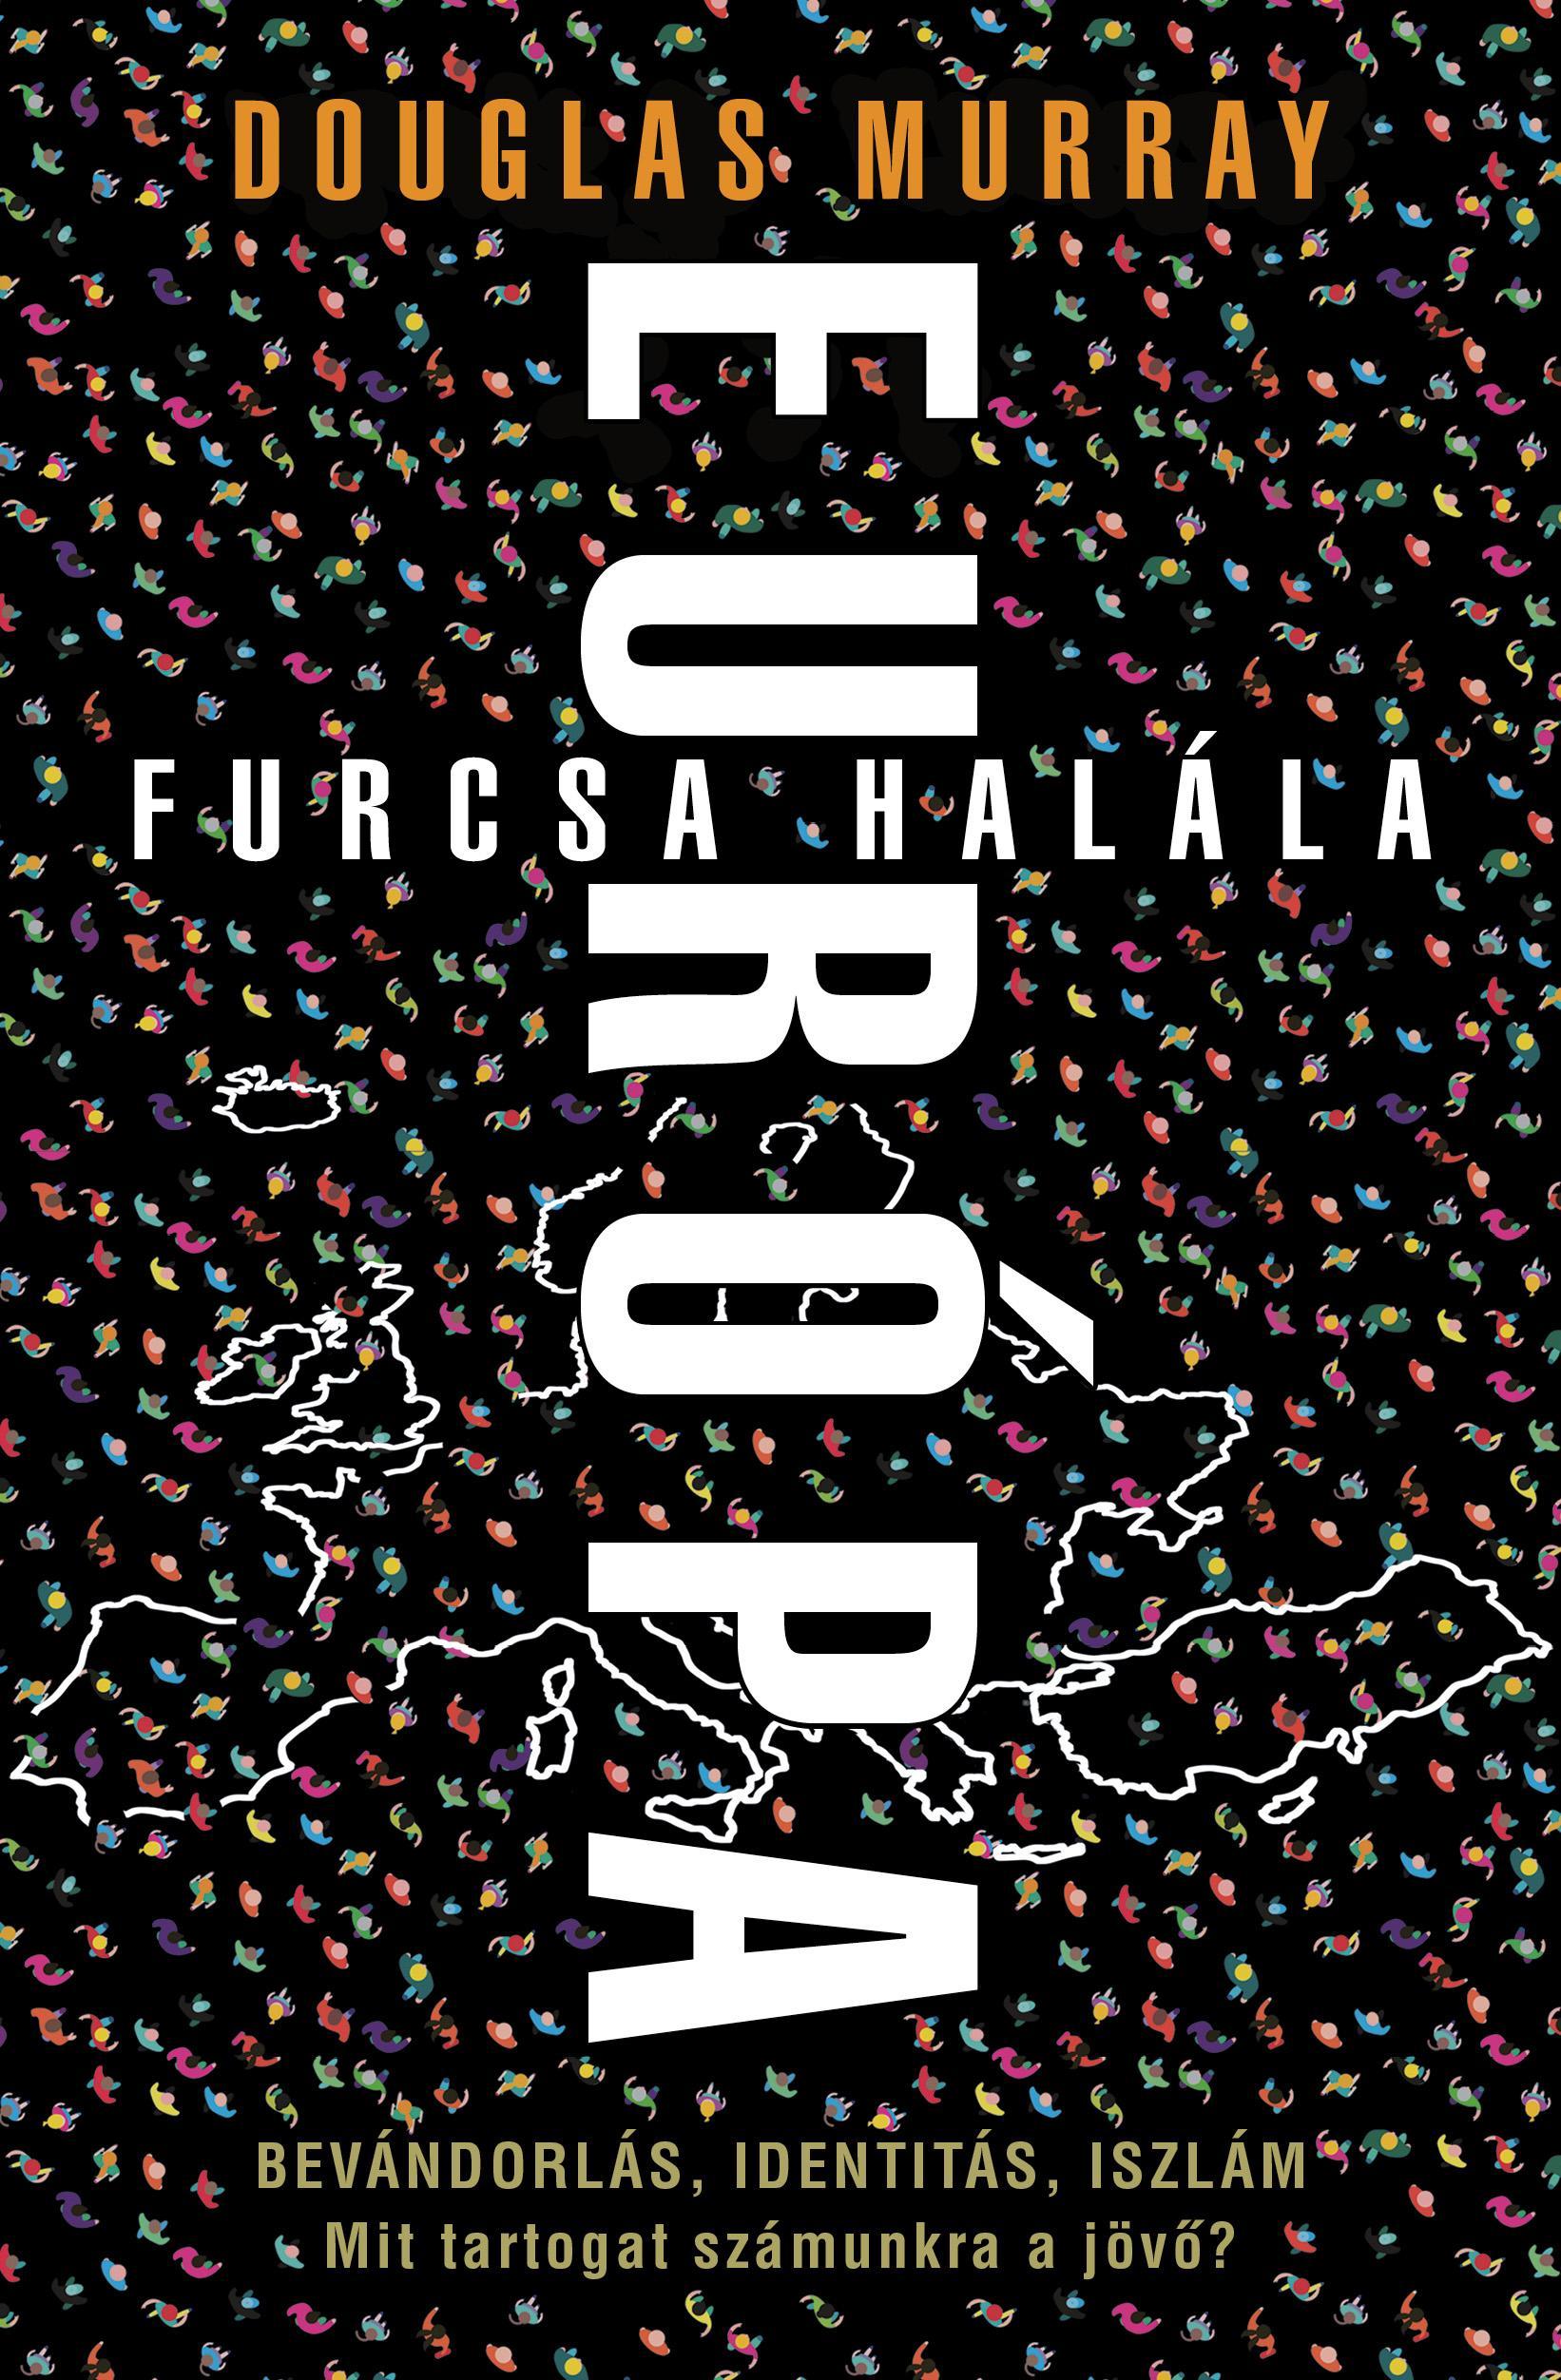 MURRAY, DOUGLAS - EURÓPA FURCSA HALÁLA